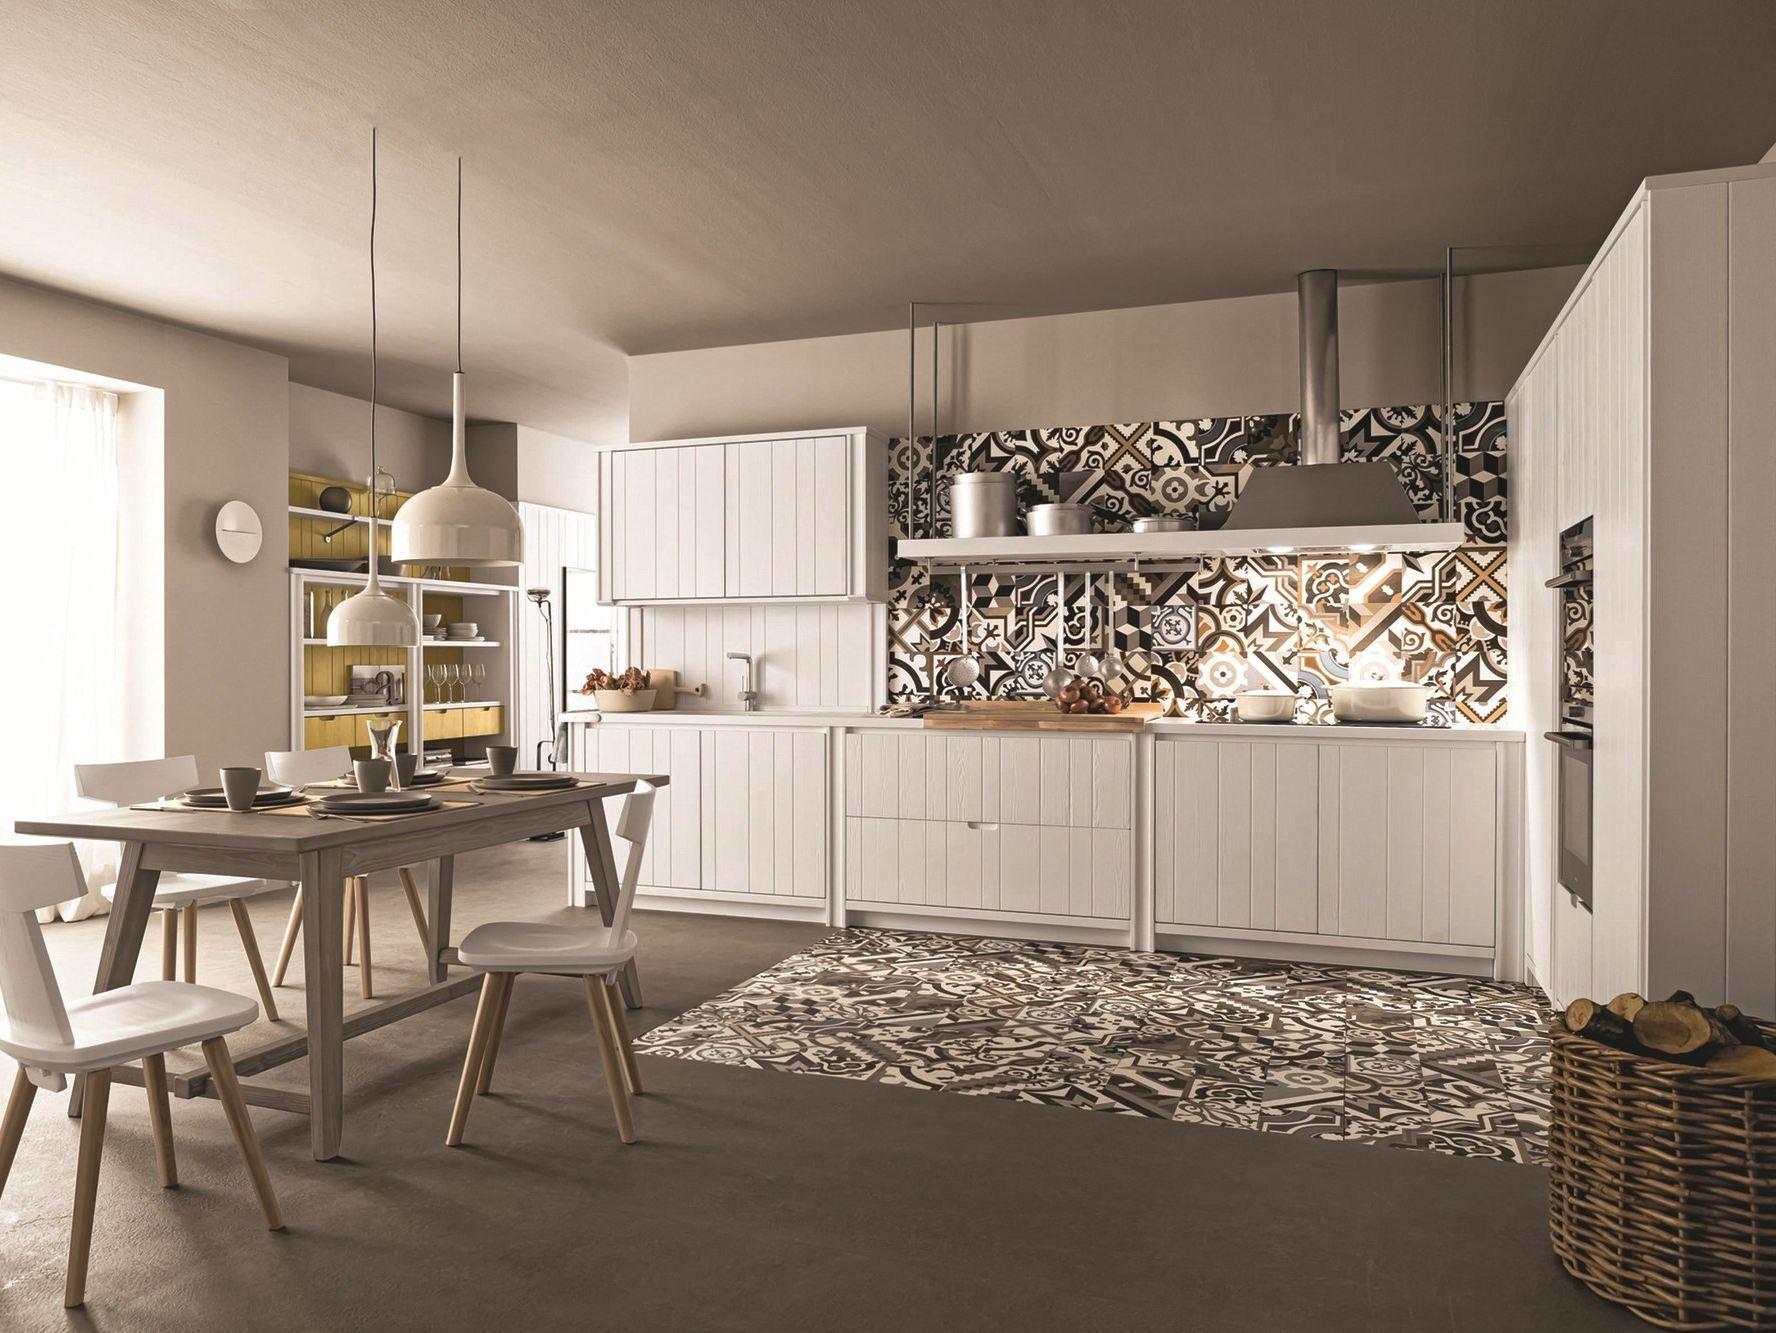 Cucina lineare in abete gesso maestrale 04 by scandola mobili for Scandola mobili